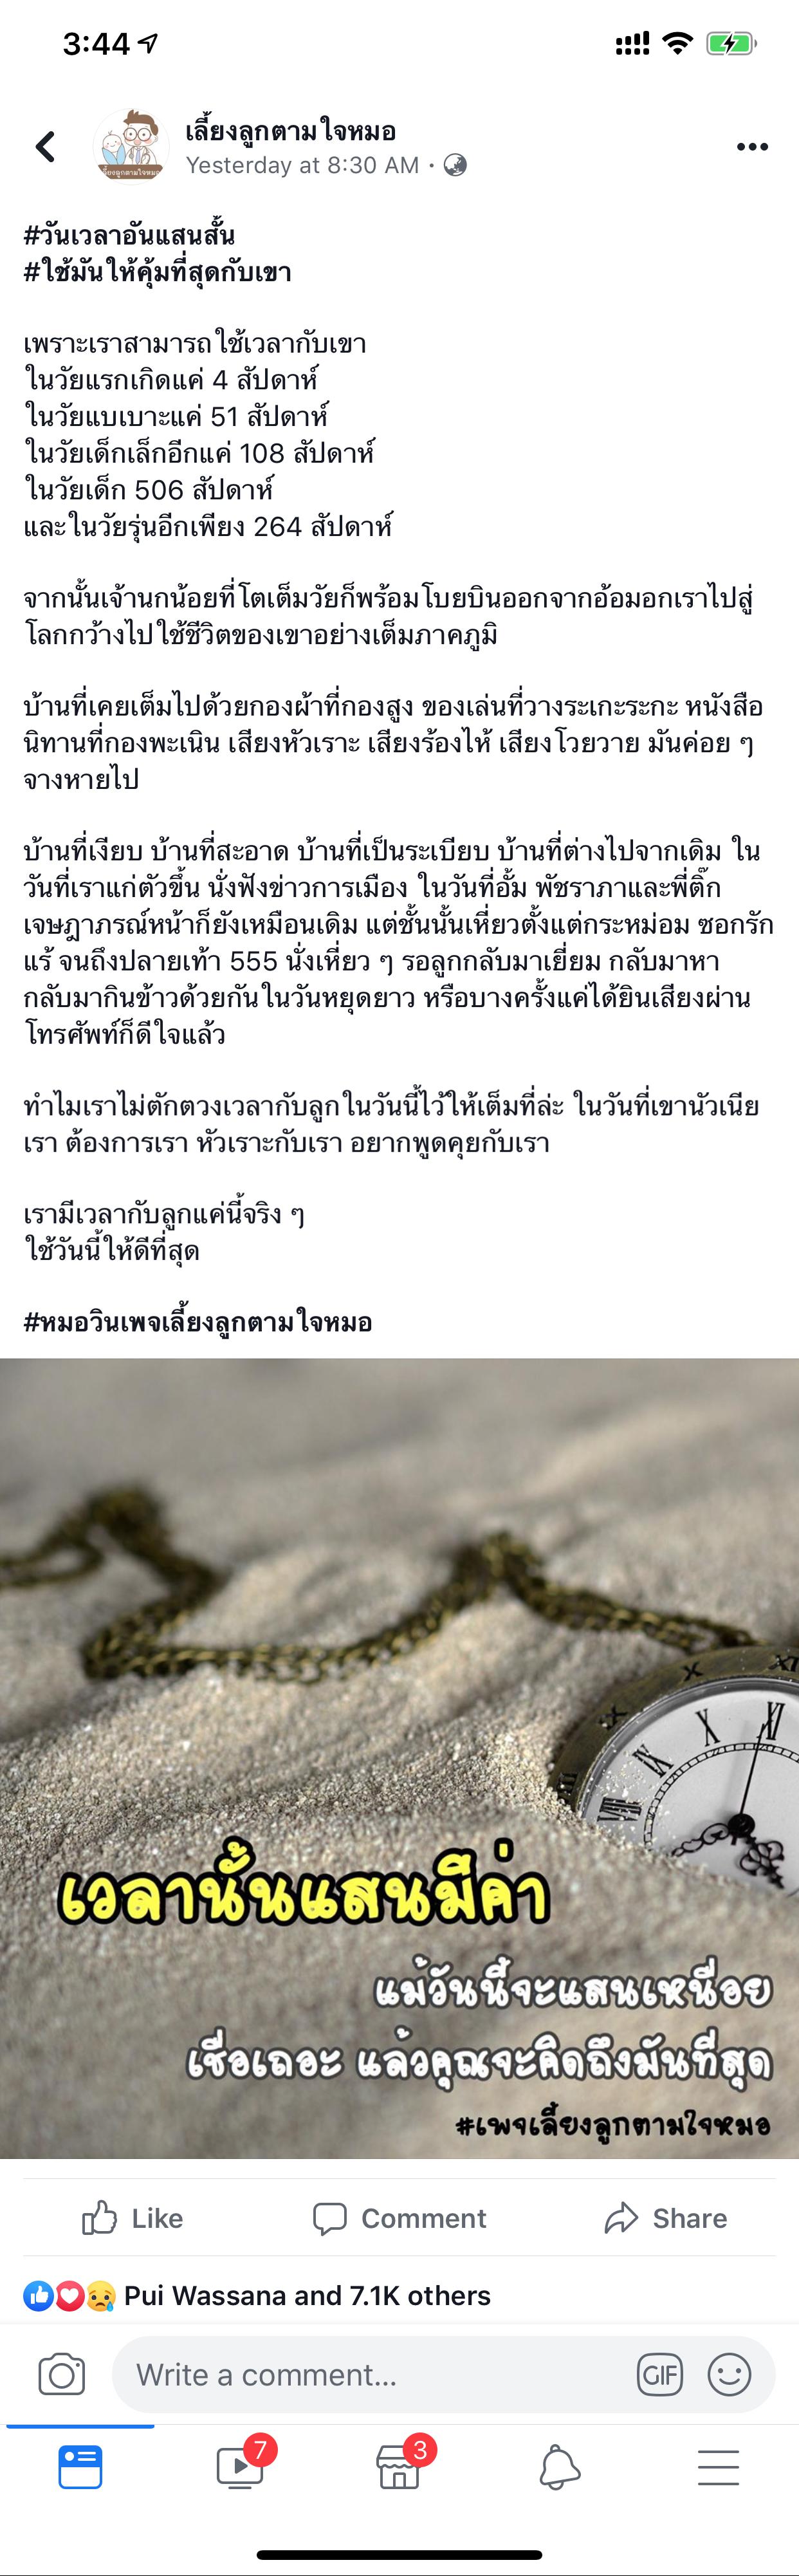 ป กพ นโดย Dr Thiti Vacharasintopchai A ใน Parenting